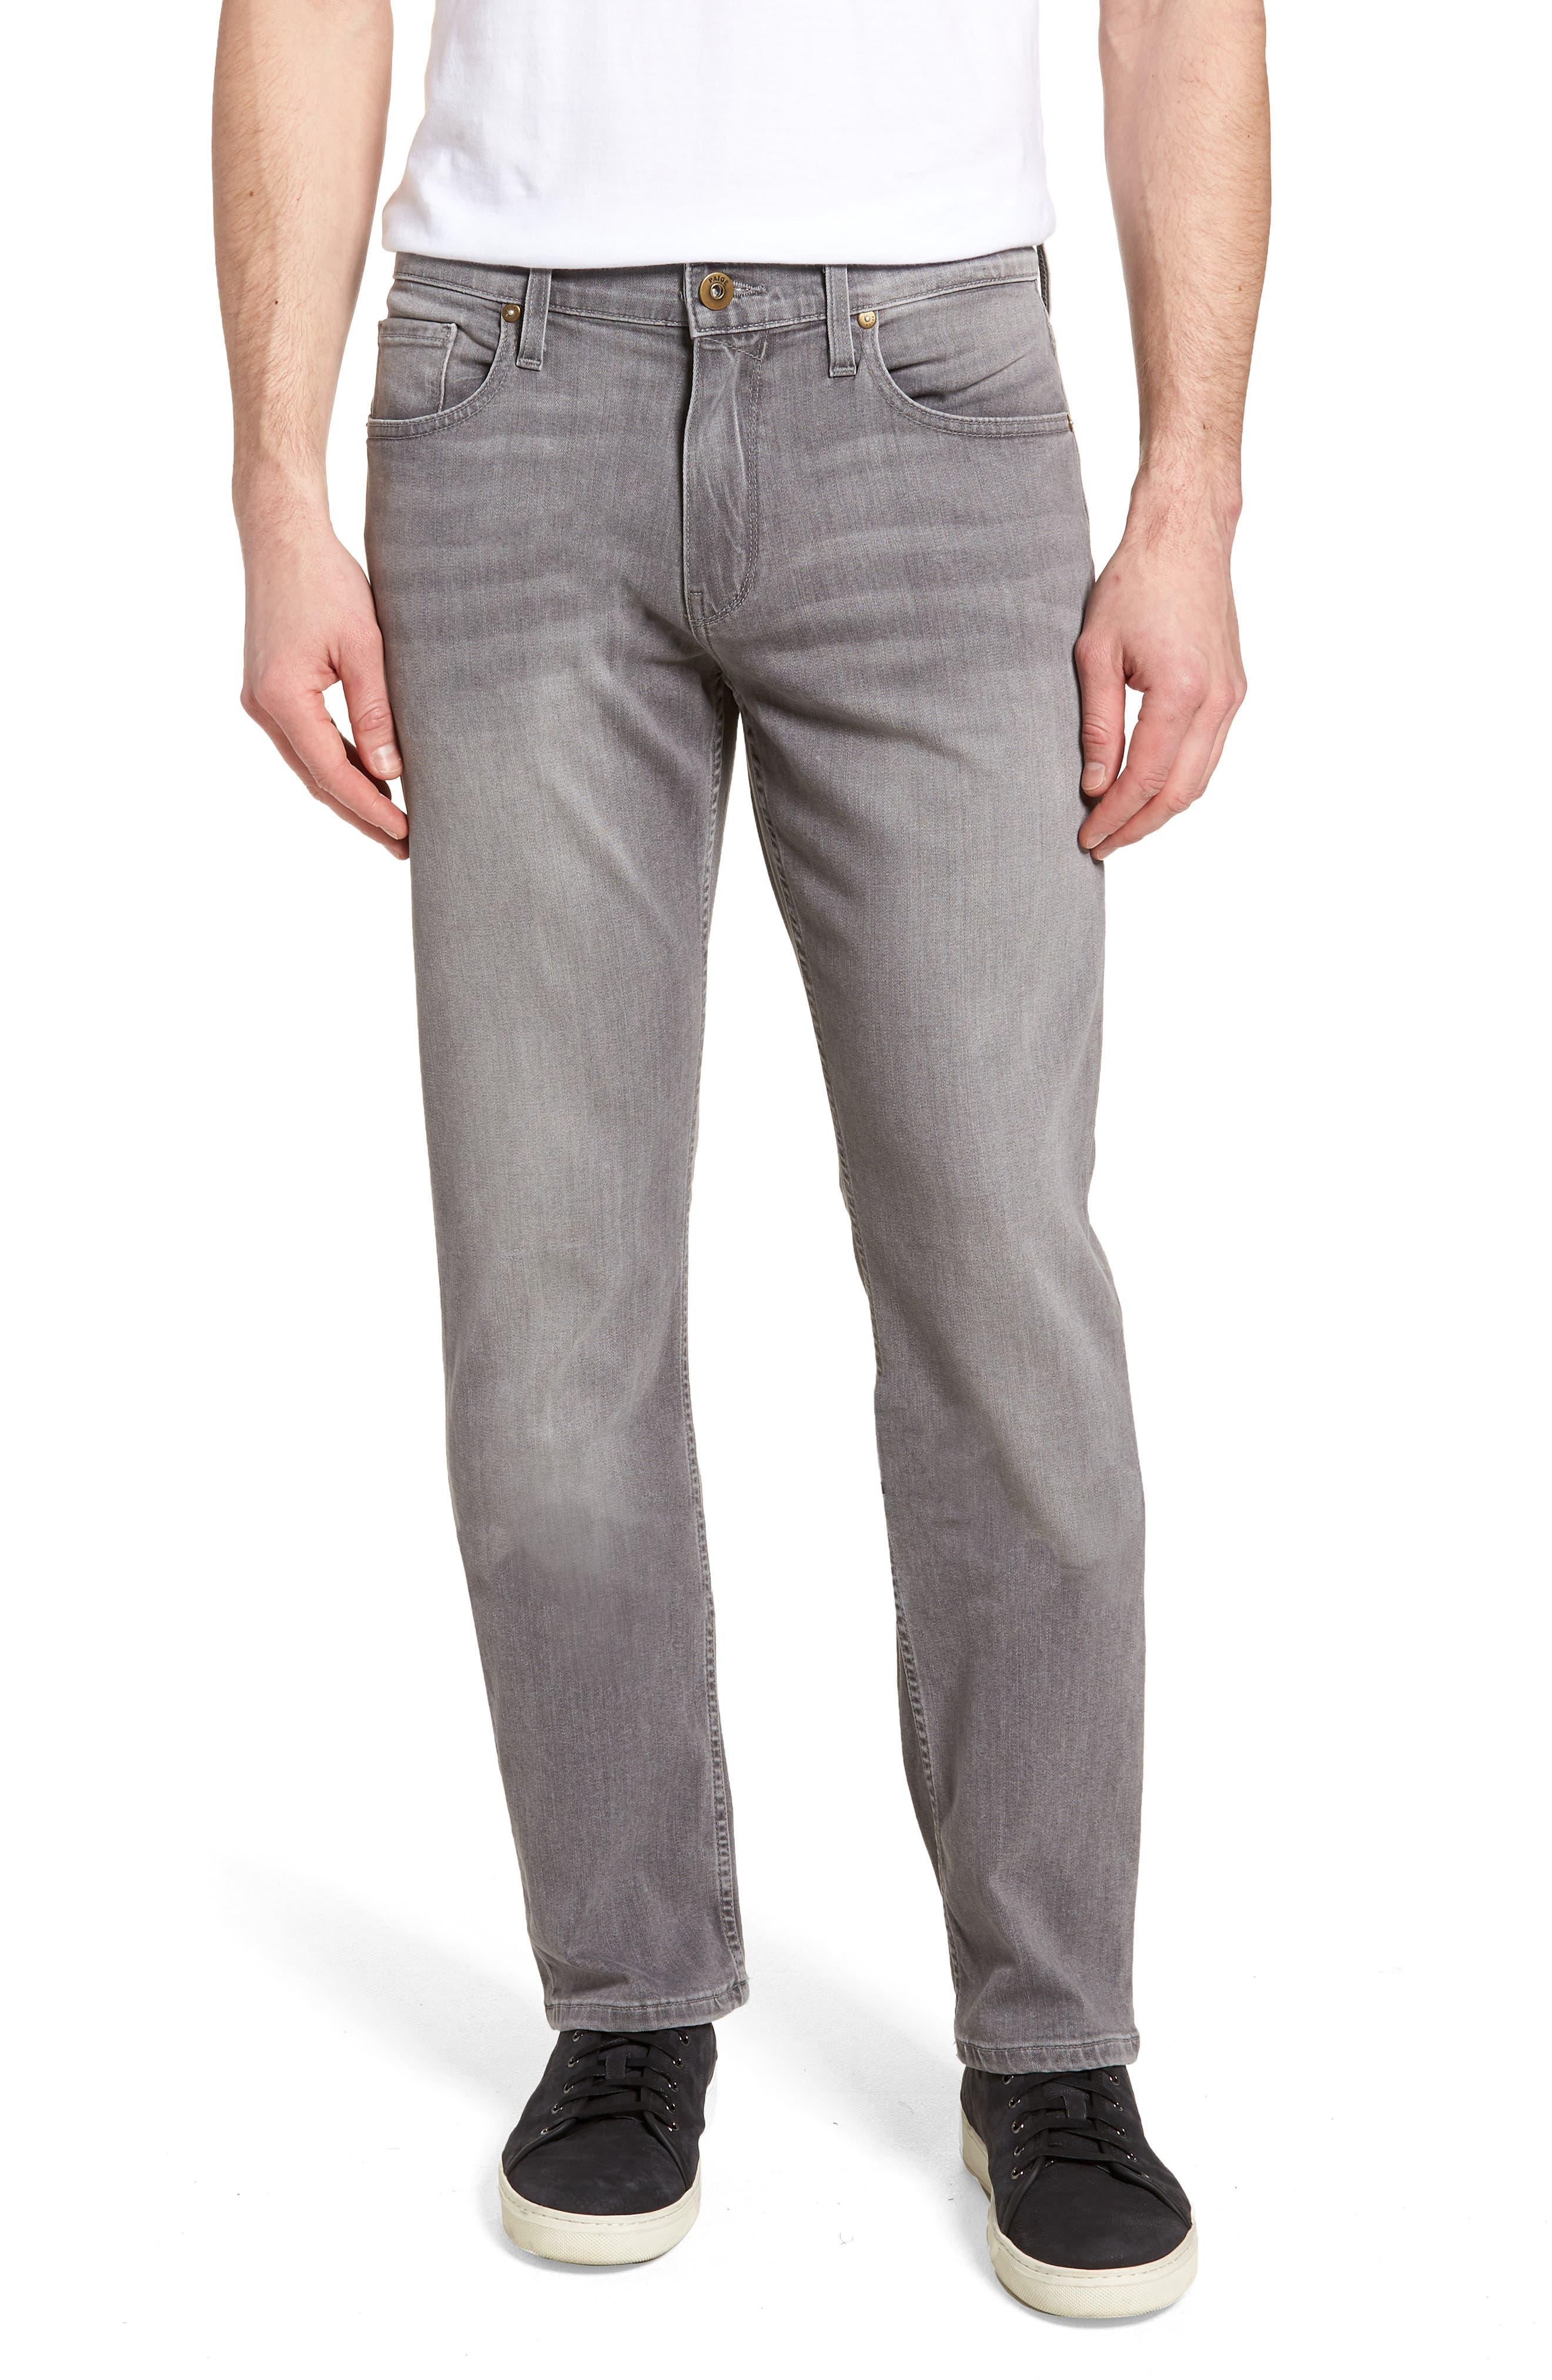 Normandie Straight Leg Jeans,                         Main,                         color, Annex